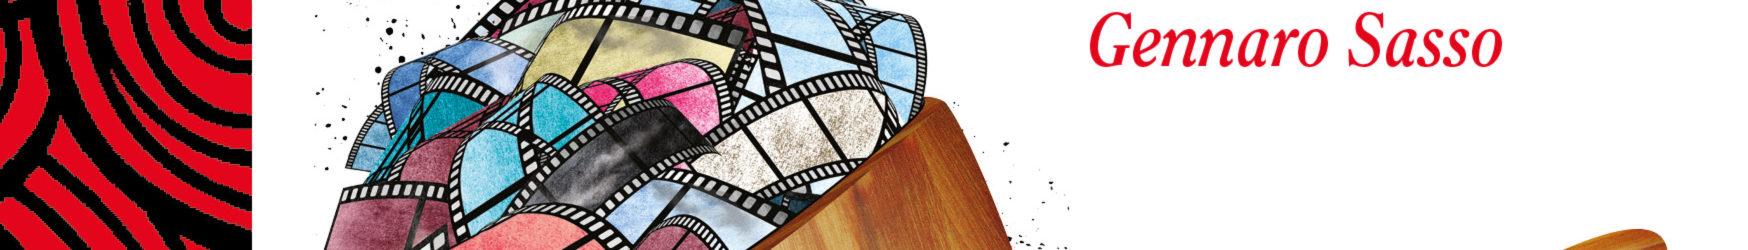 Il significato segreto delle immagini nei film e nei sogni